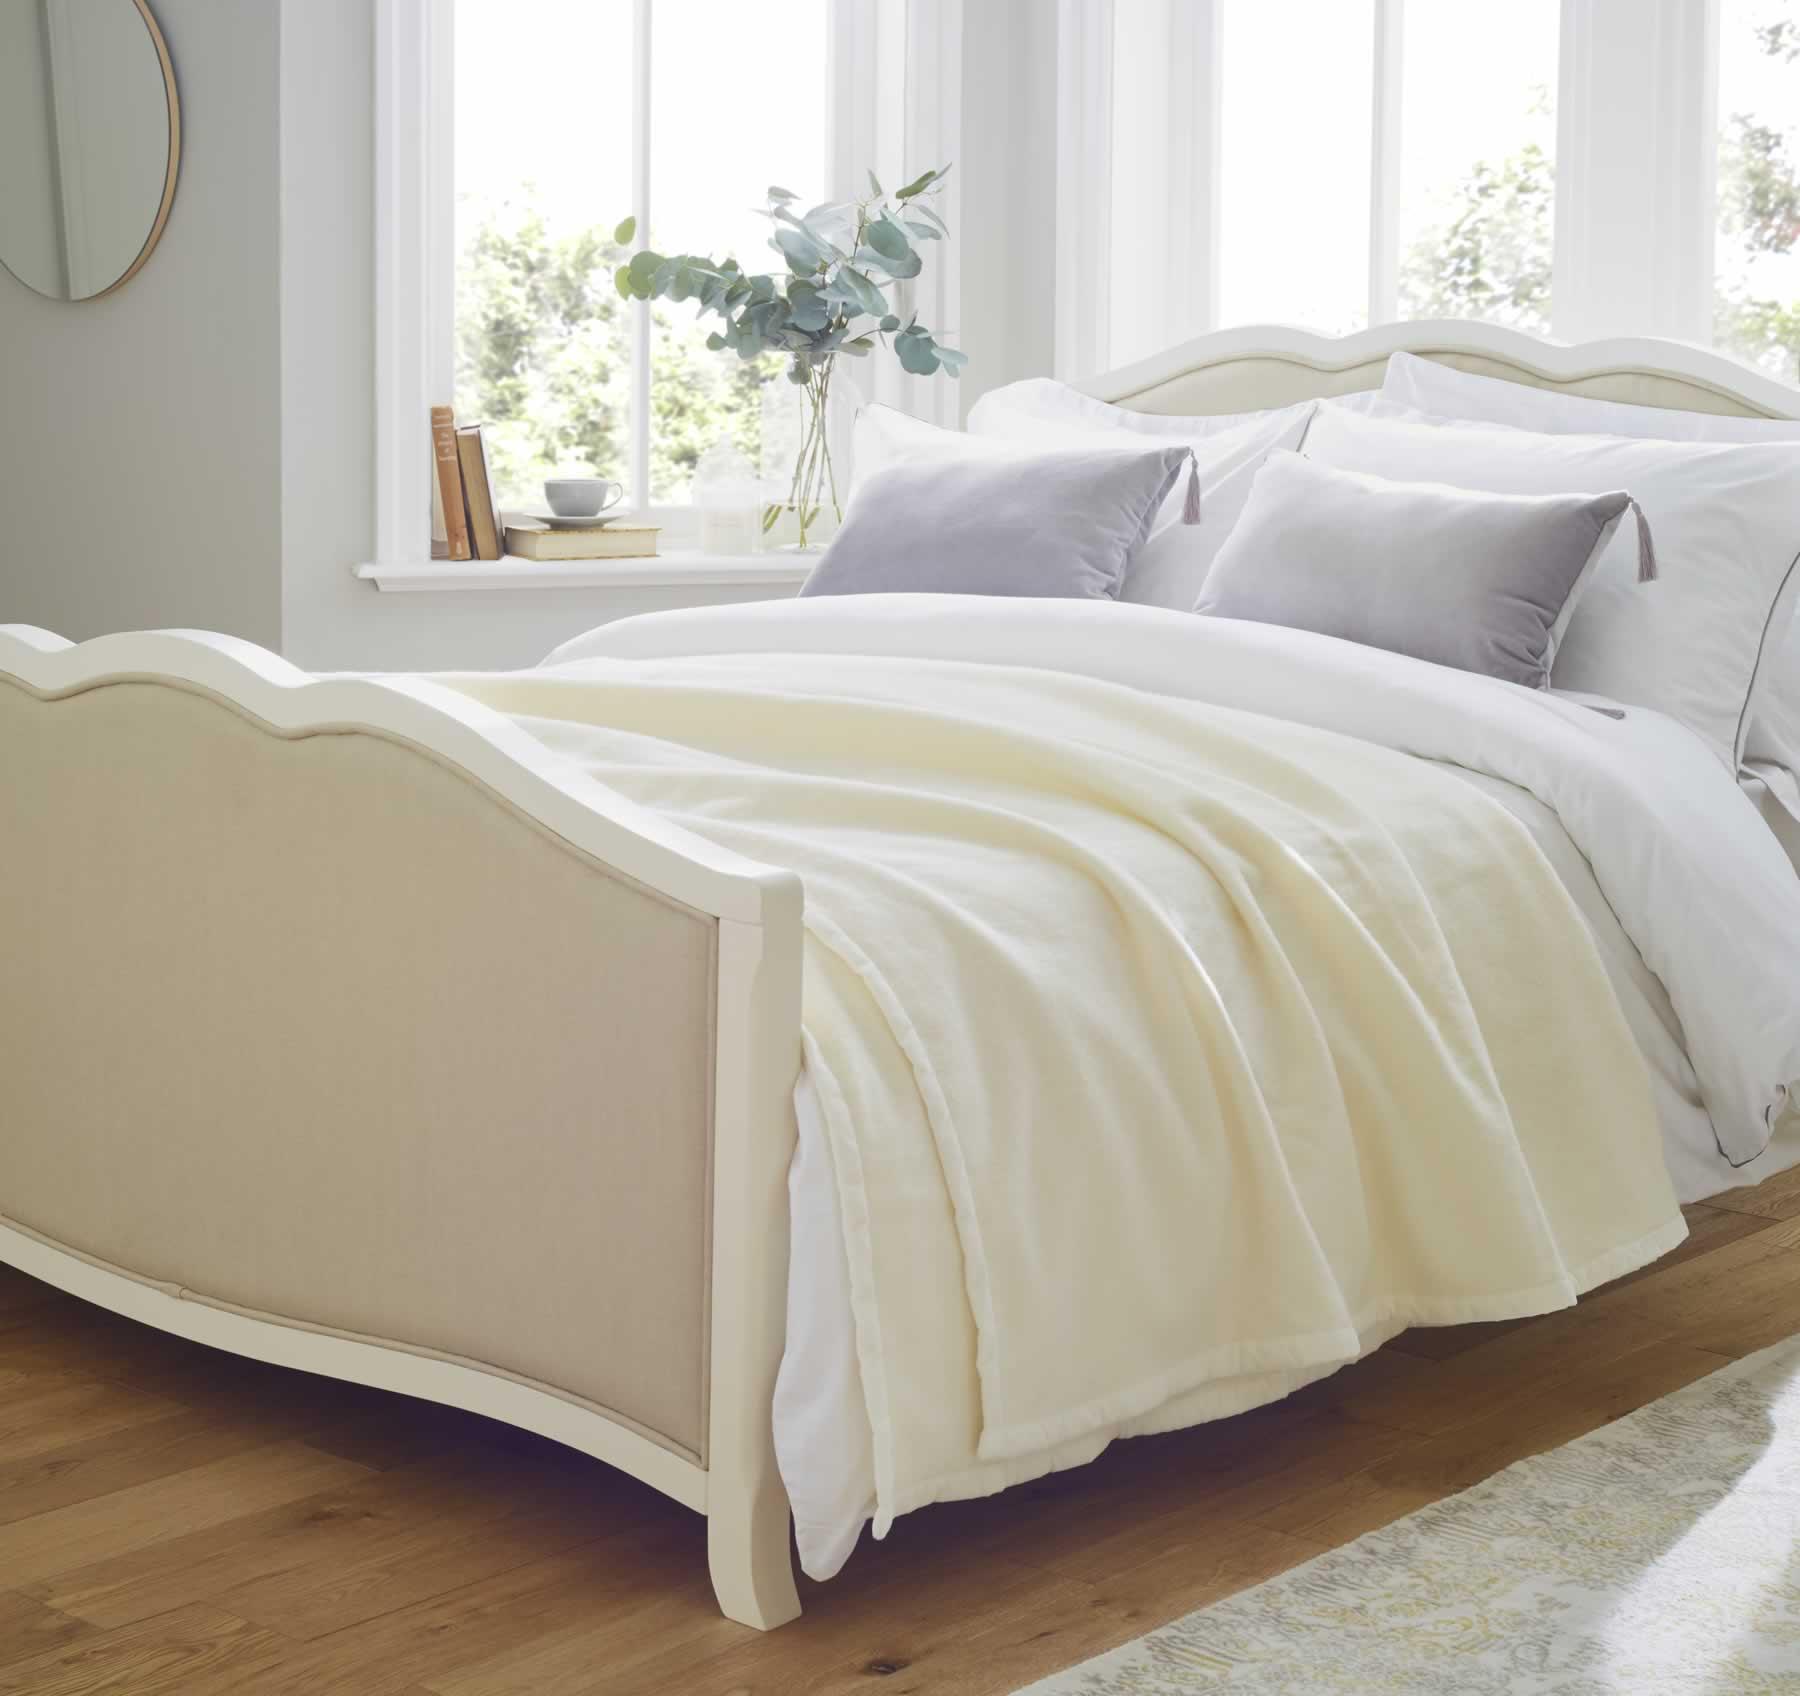 Elizabeth 100% Lambswool Double Blanket in White